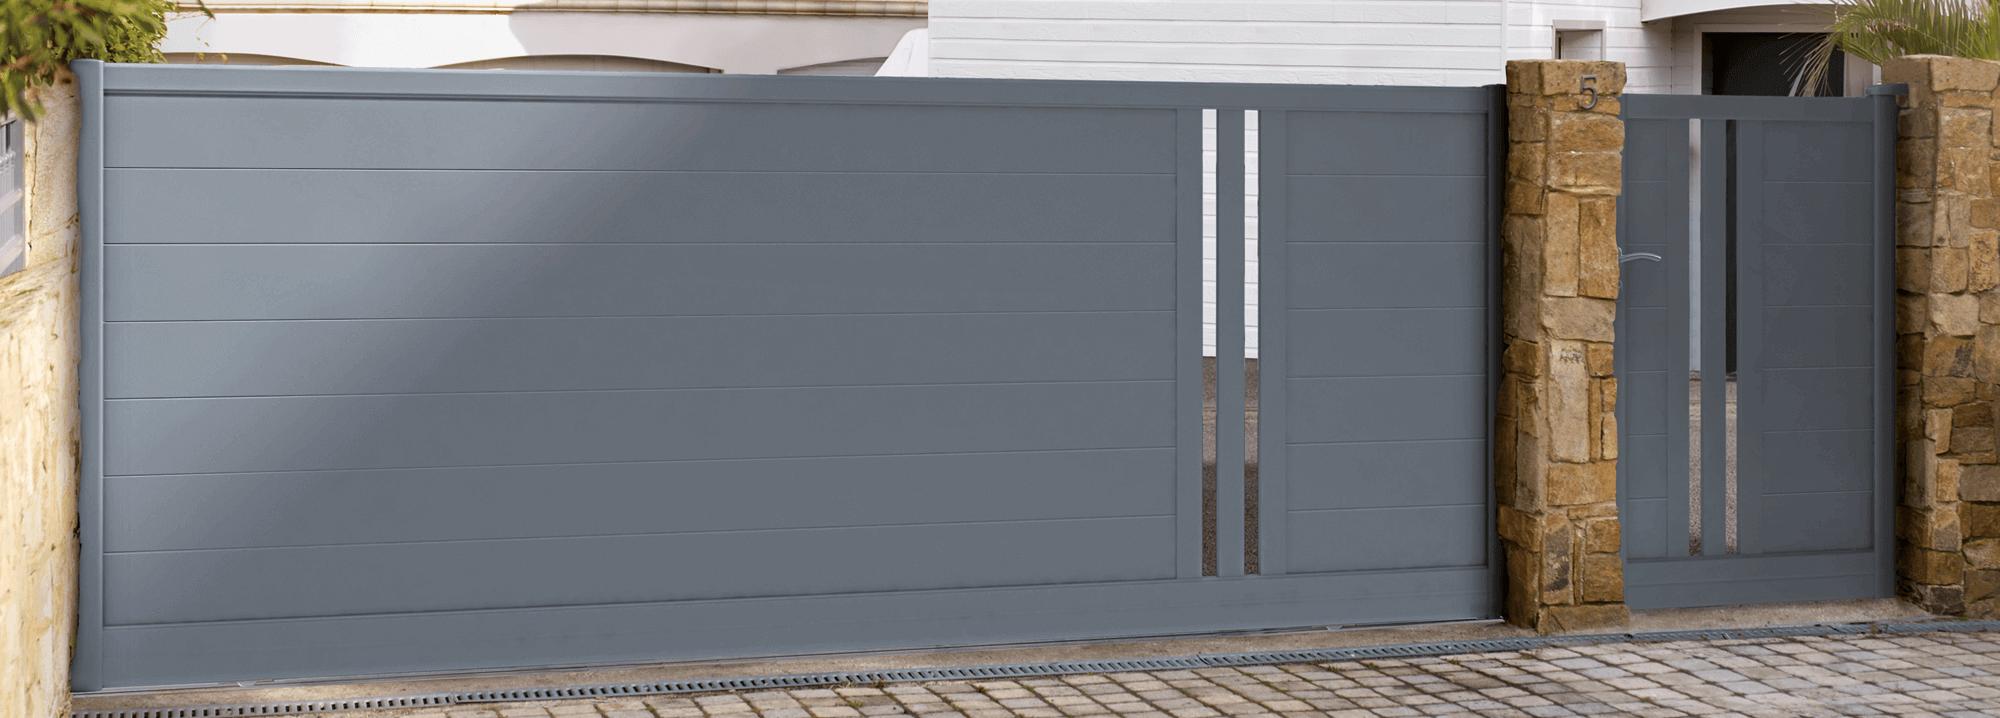 Vente et installation de portail